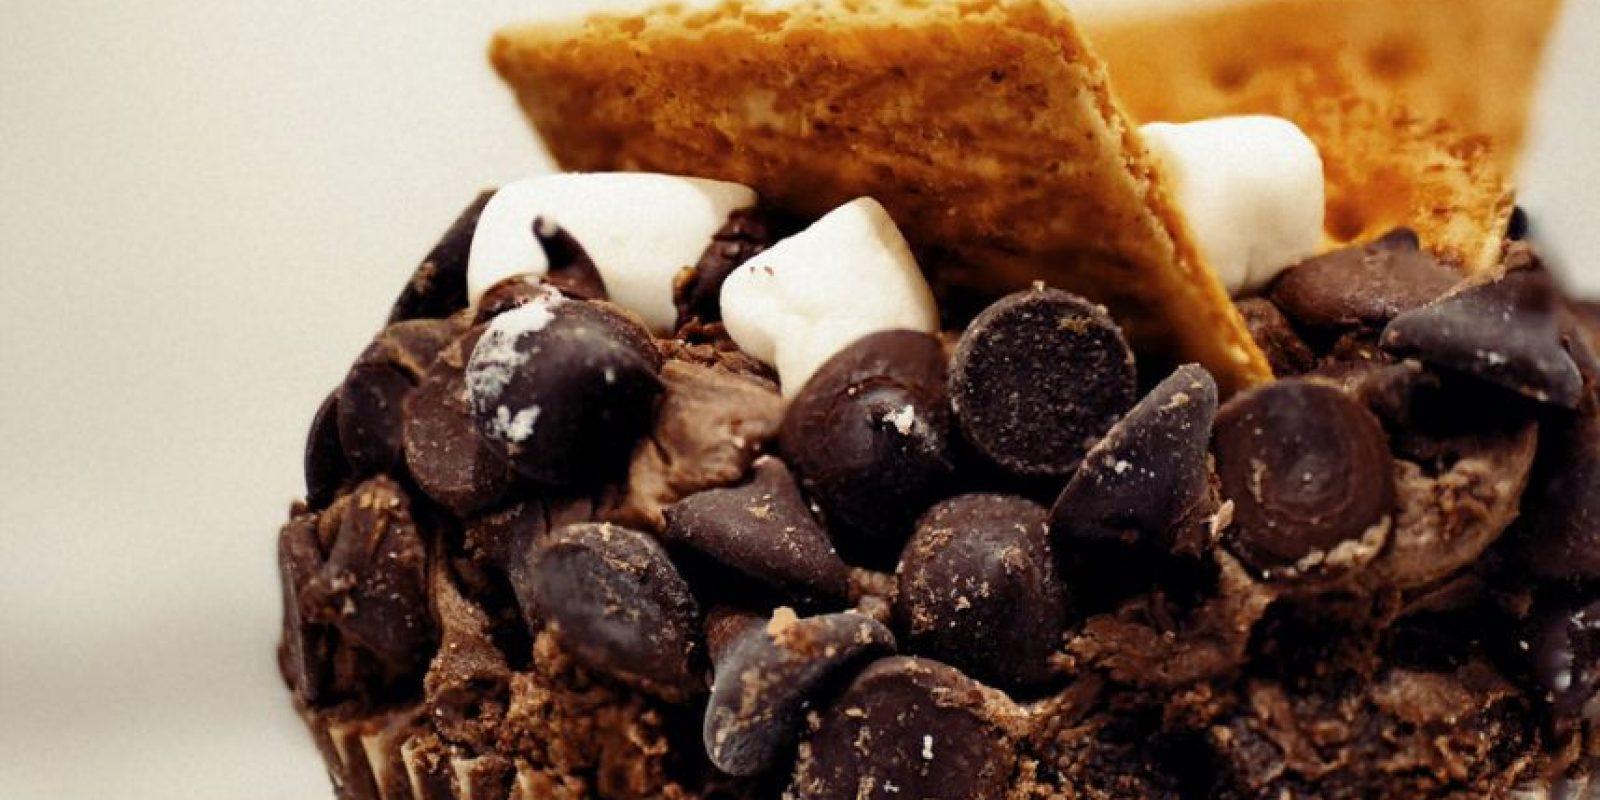 Crujiente olor a chocolate. Chips que desprenden su sabor al masticarlos. Foto:vía Flickr/ lng0004